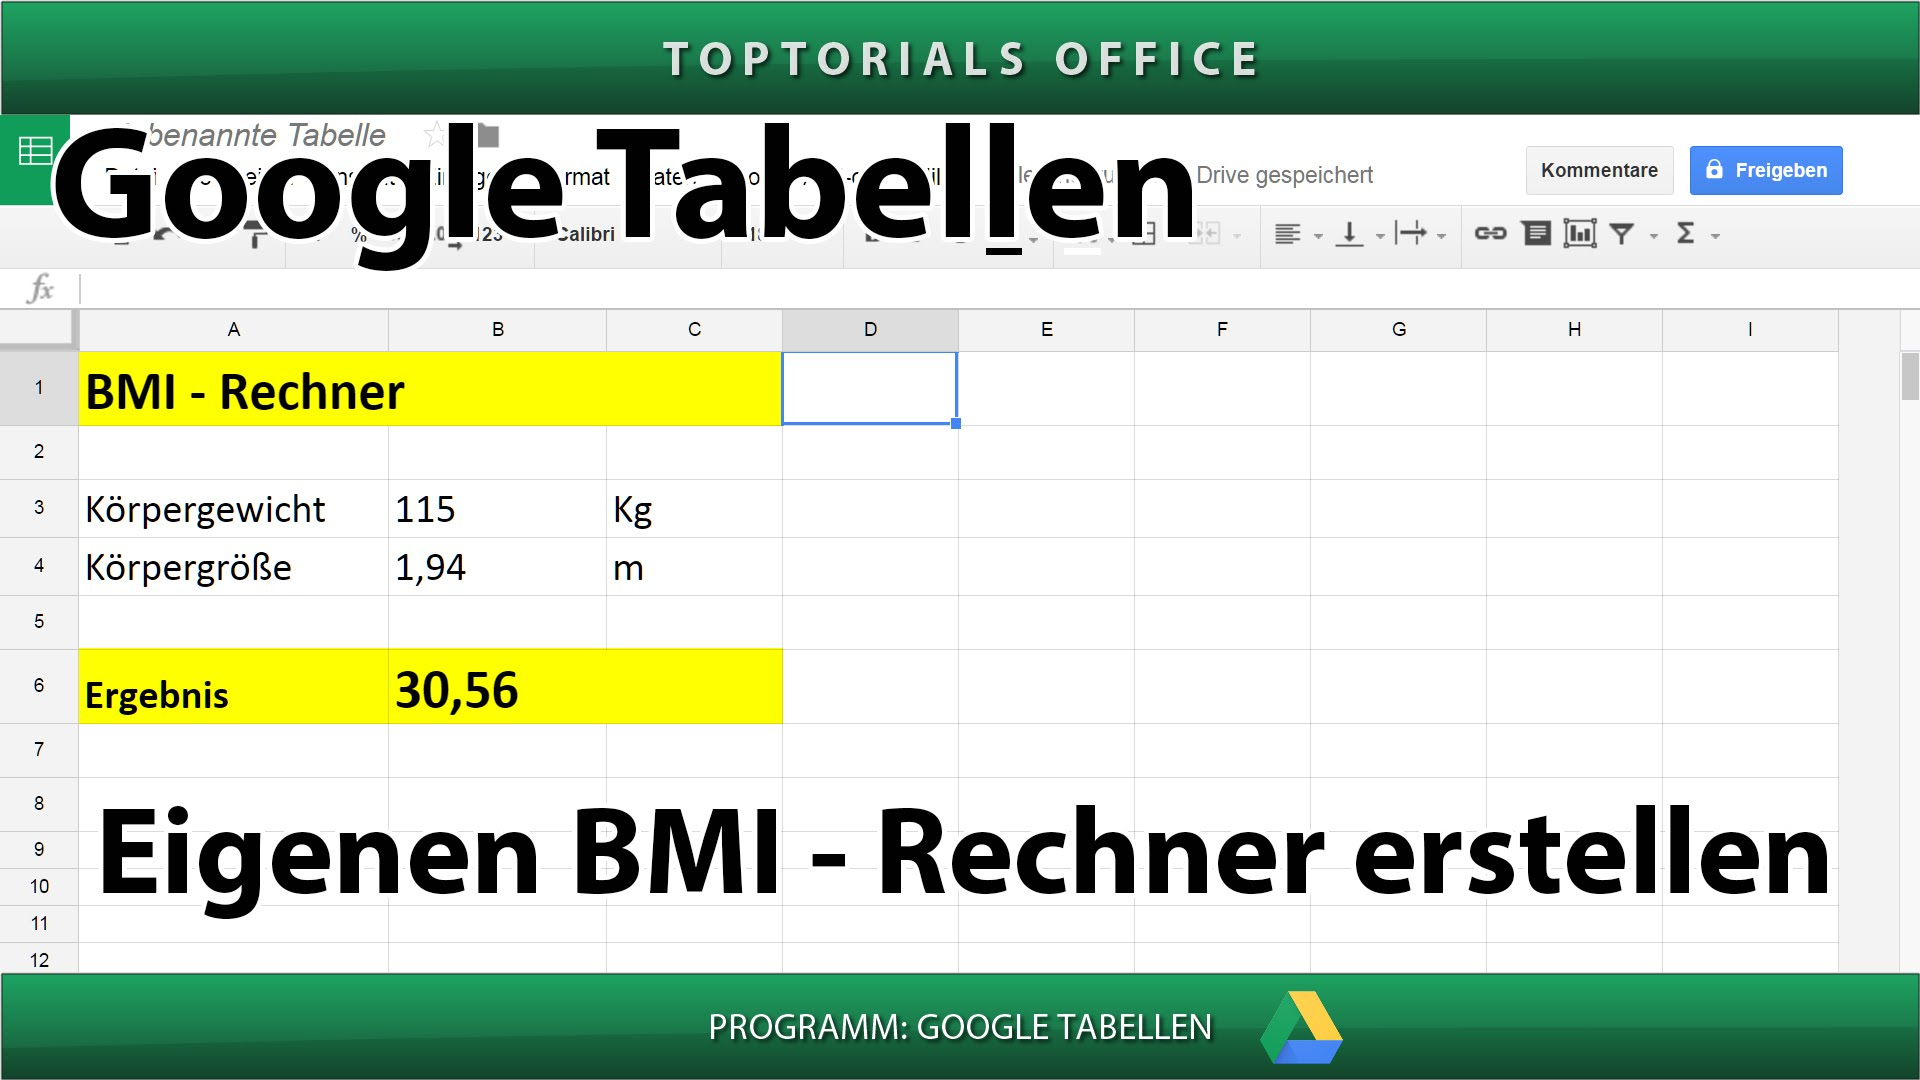 bmi rechner erstellen google tabellen toptorials. Black Bedroom Furniture Sets. Home Design Ideas